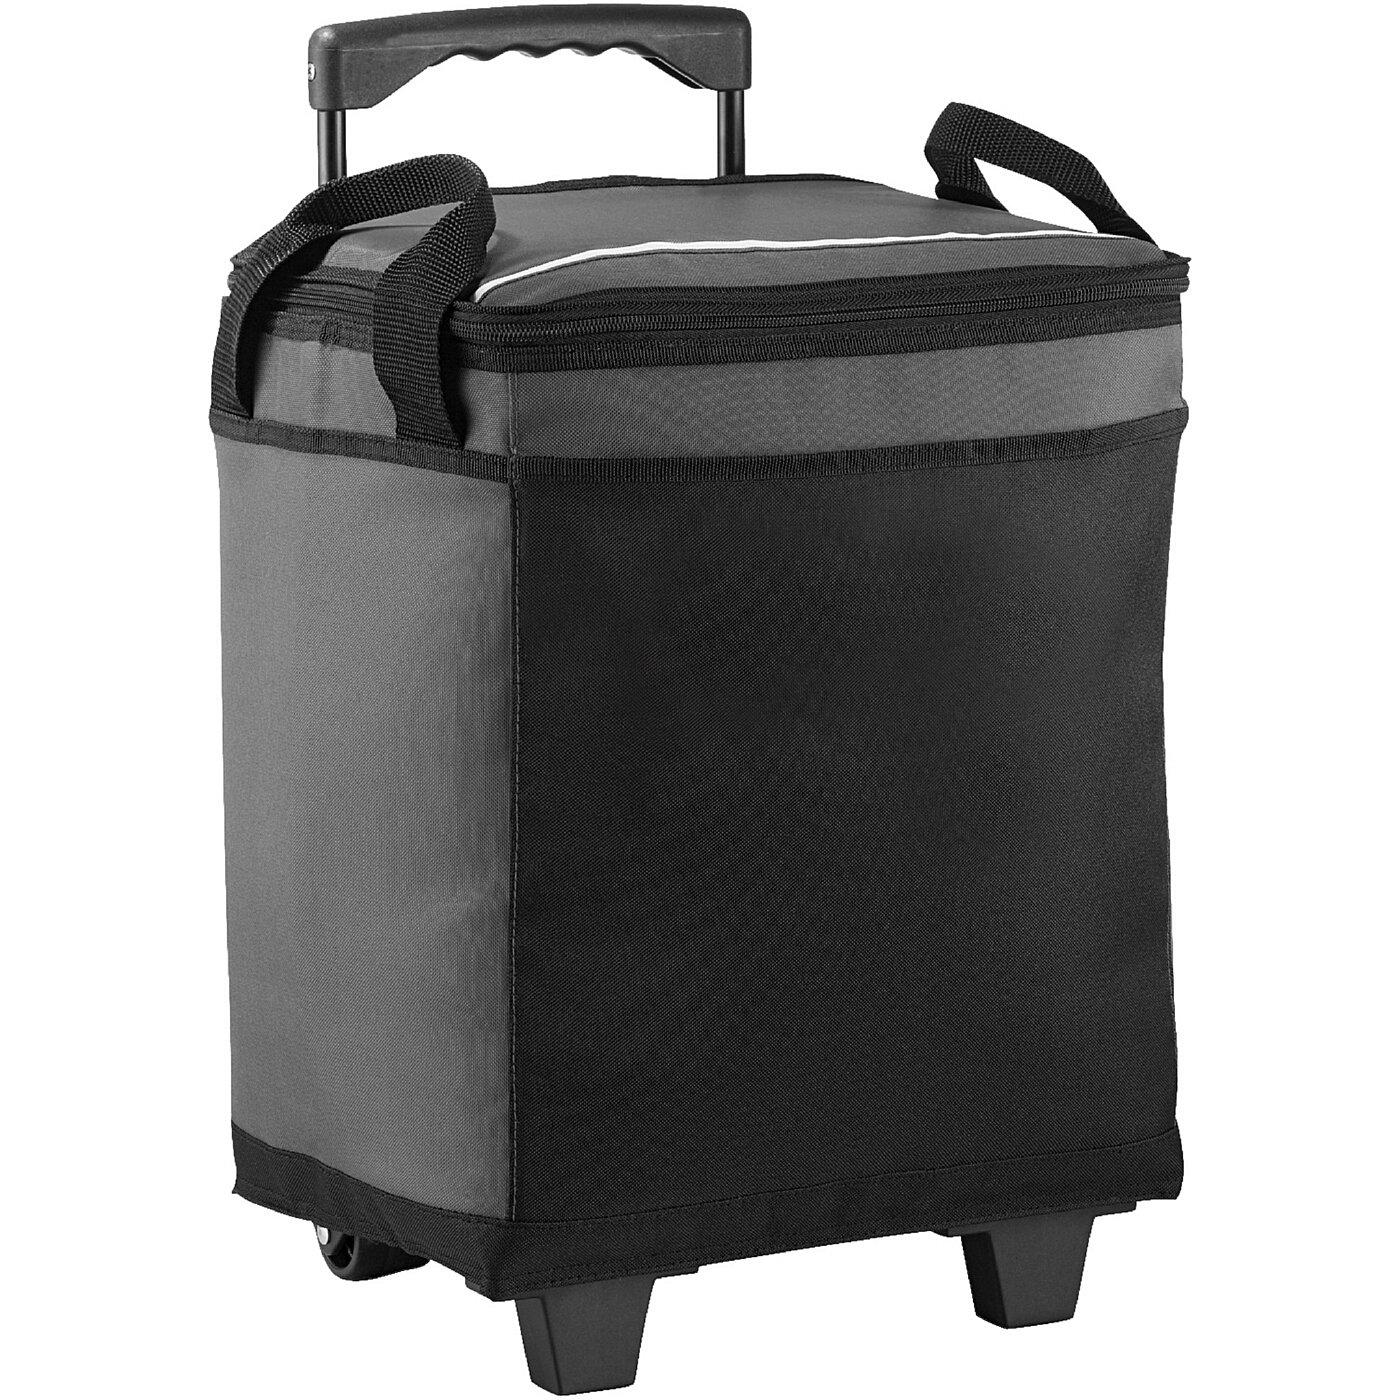 CALIFORNIA INNOVATIONS - Kühltasche mit Rollen für 32 Dosen - grau